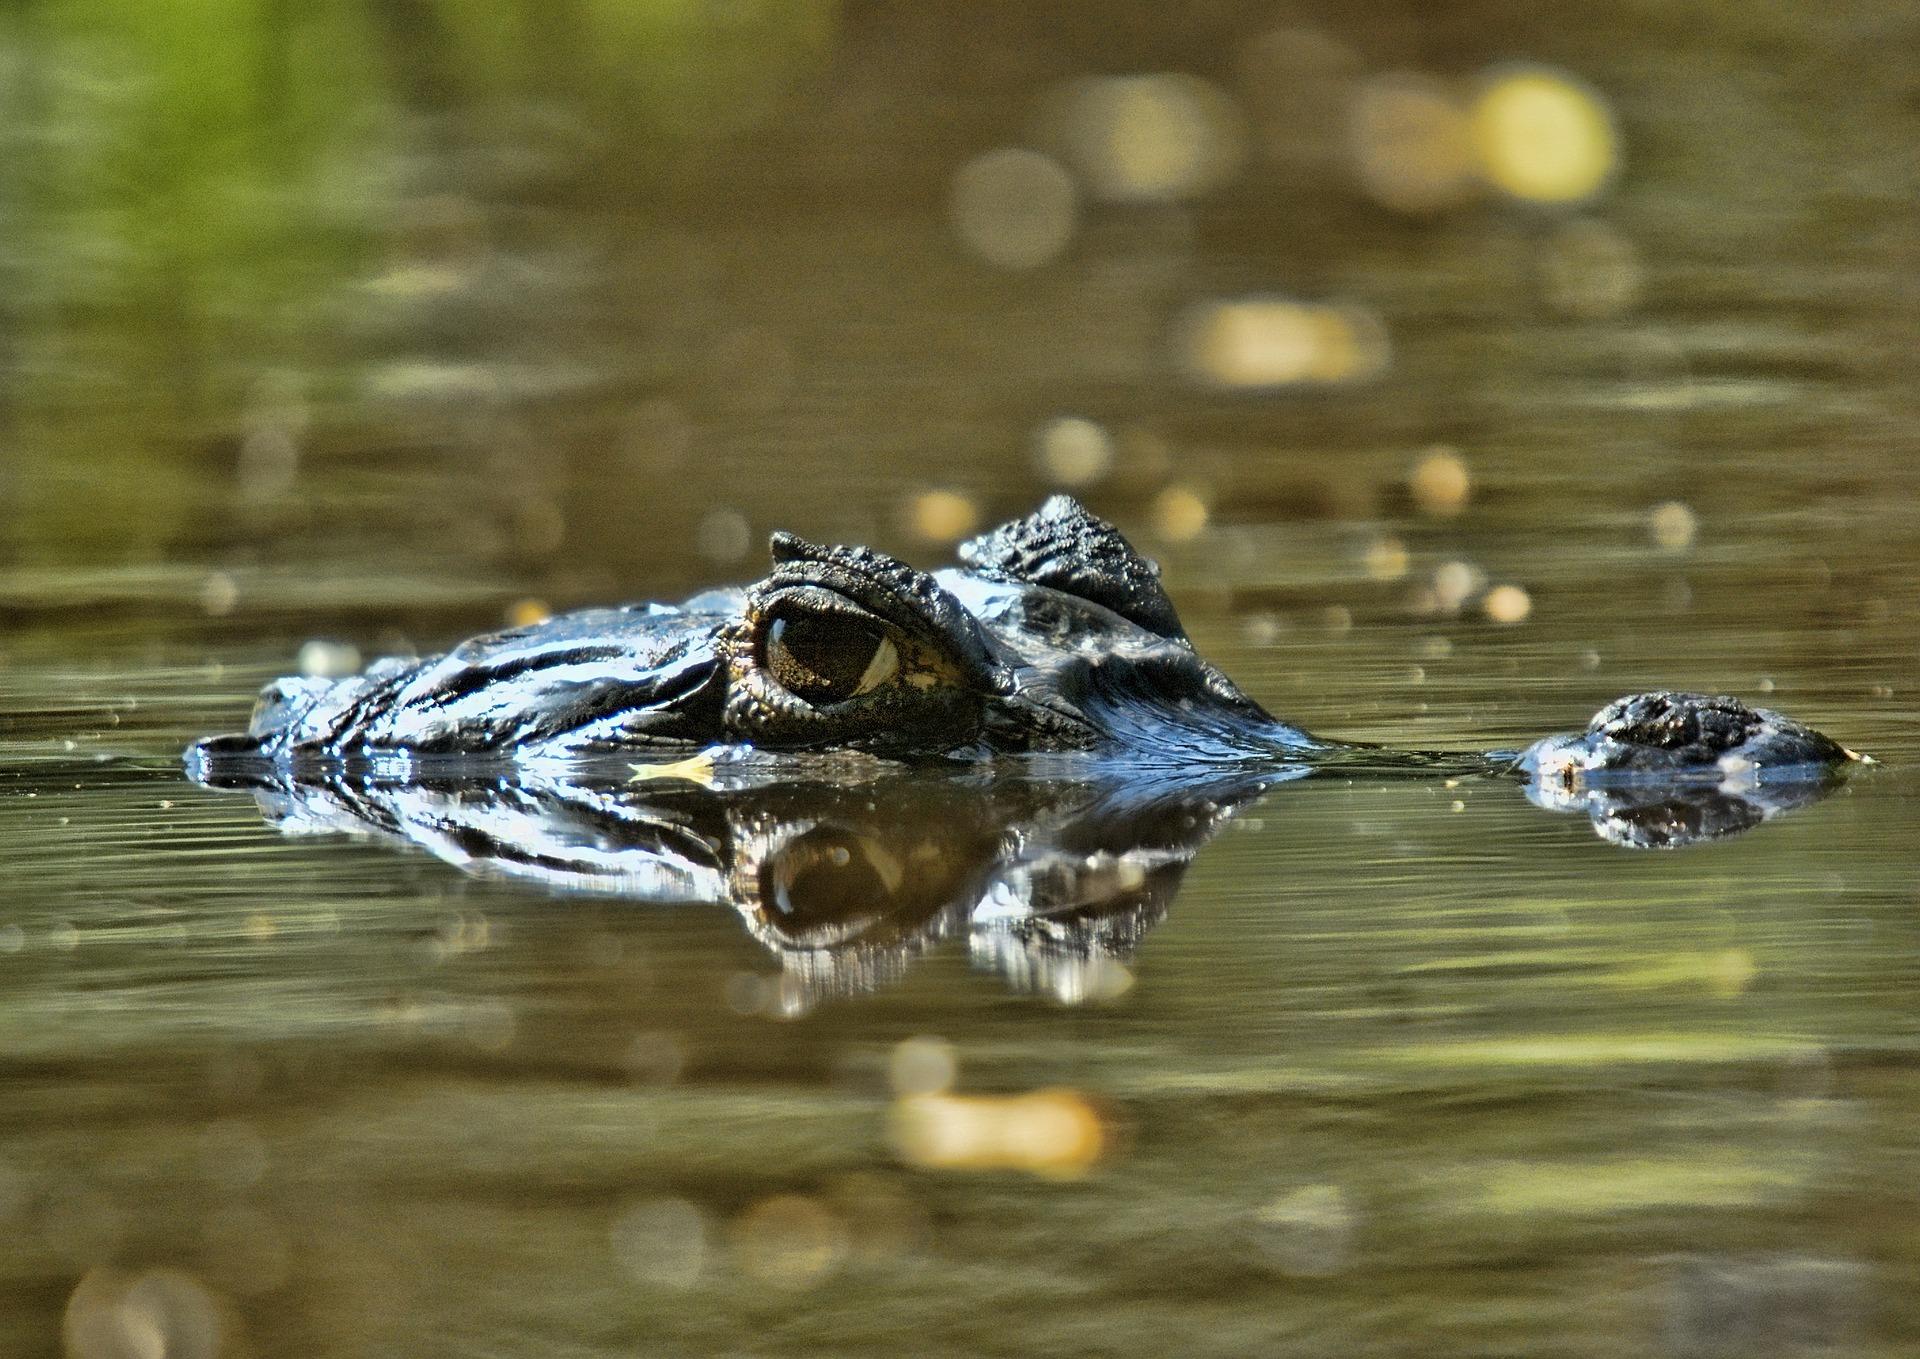 Orinoco crocodile in Venezuela